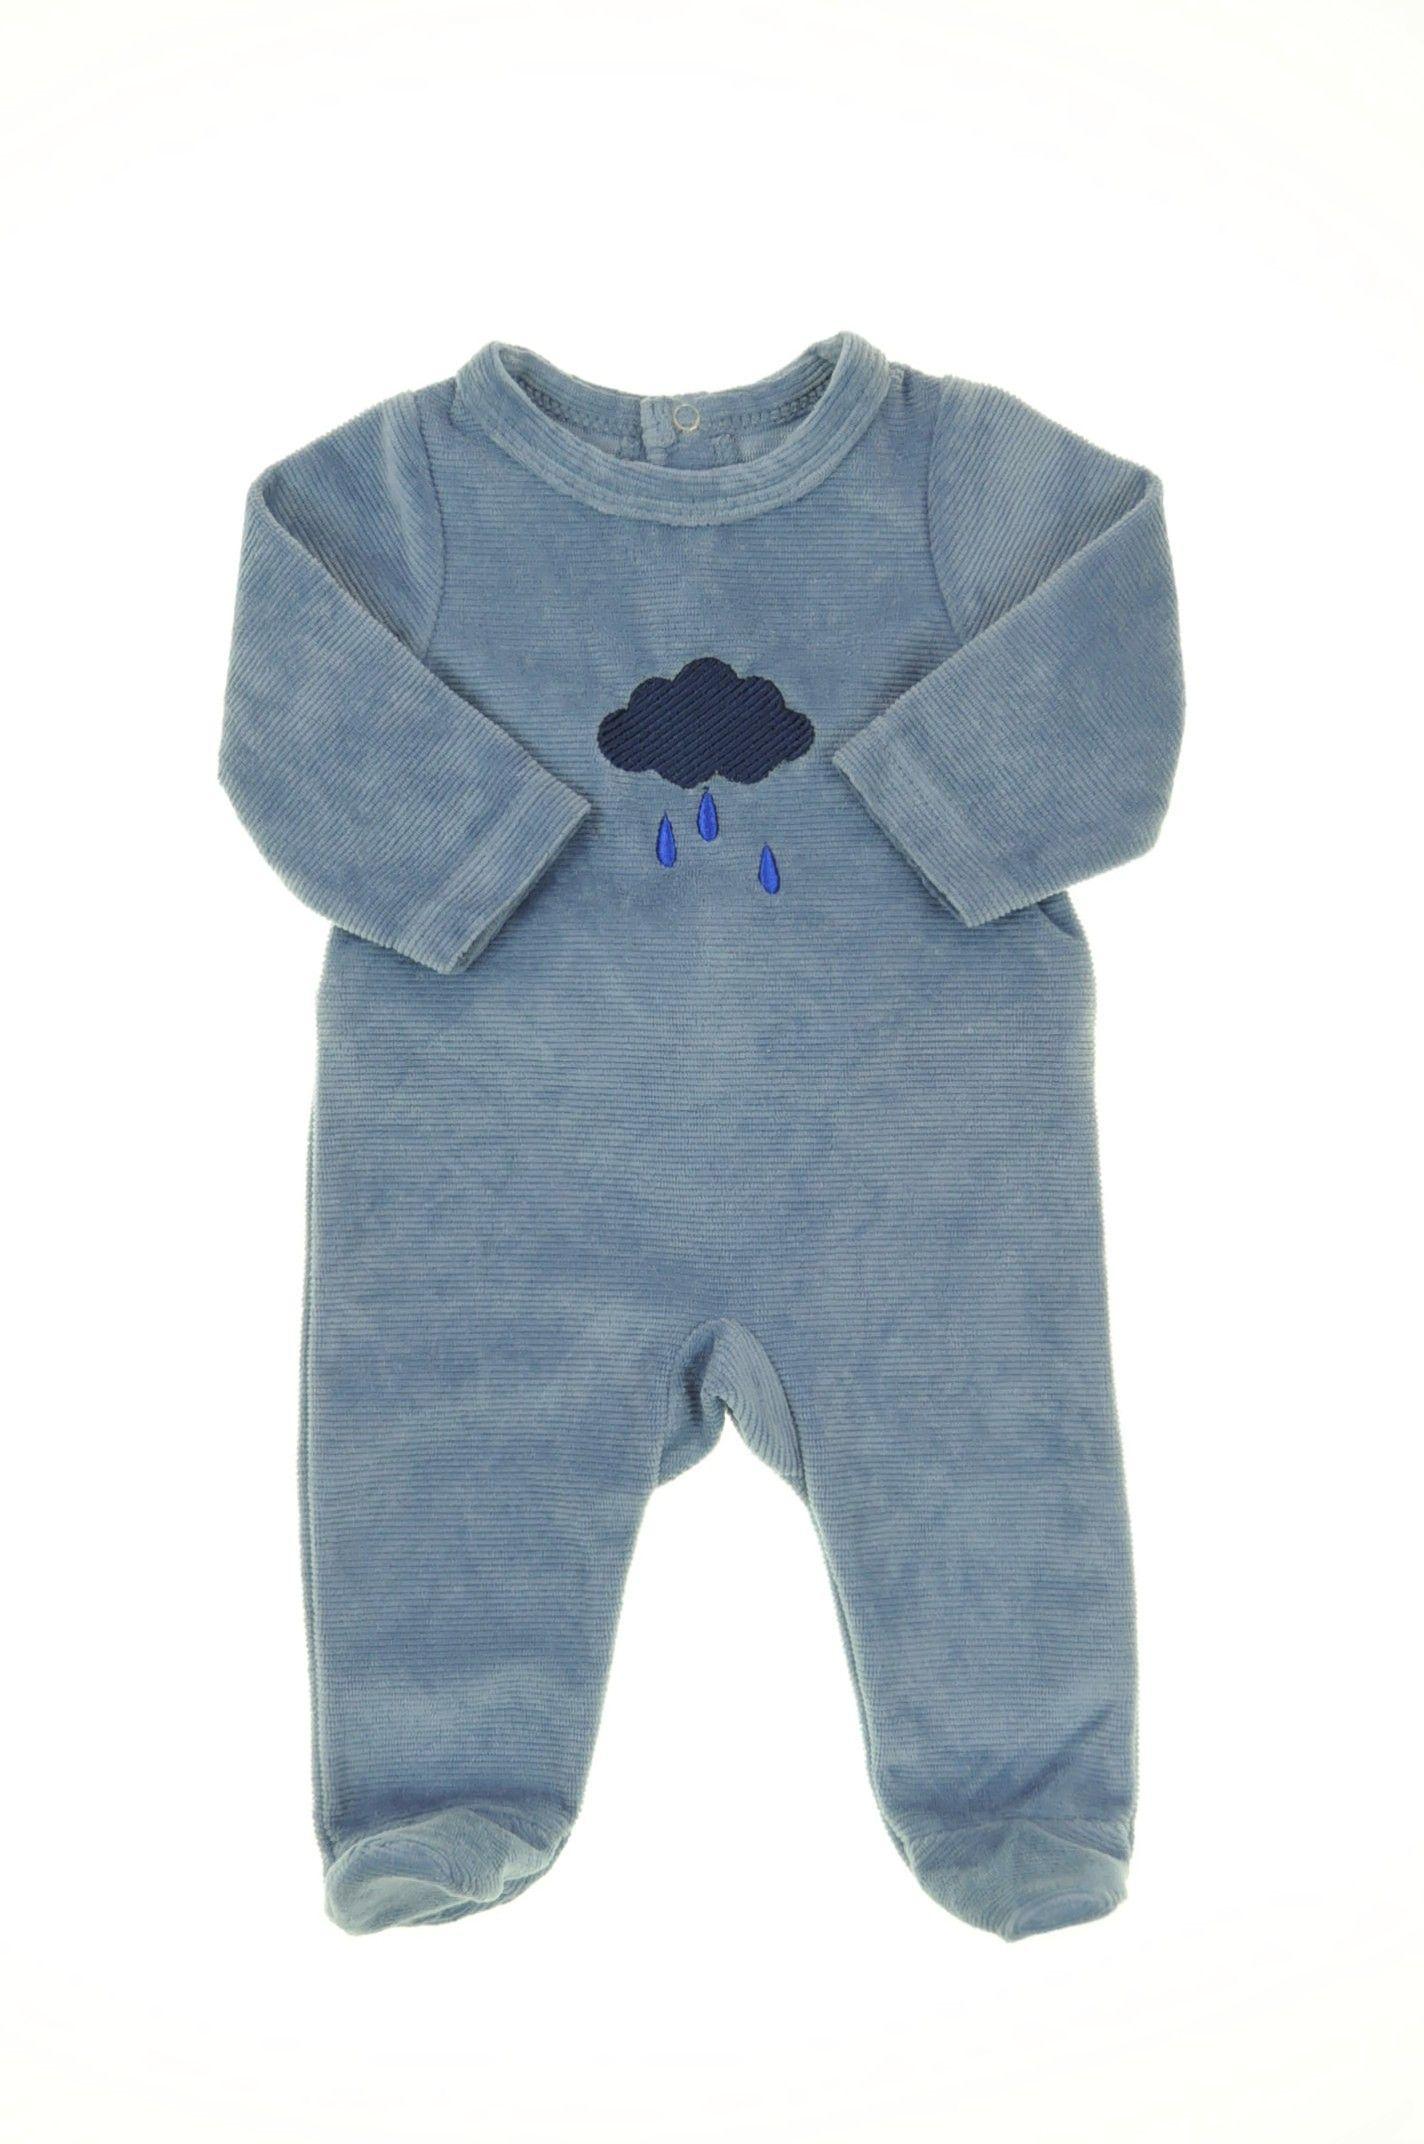 d947e970c8b59 Pyjama velours éponge de la marque Tape à l oeil en taille 0 Naissance - Affairesdeptits  vetement occasion enfant bebe pas cher